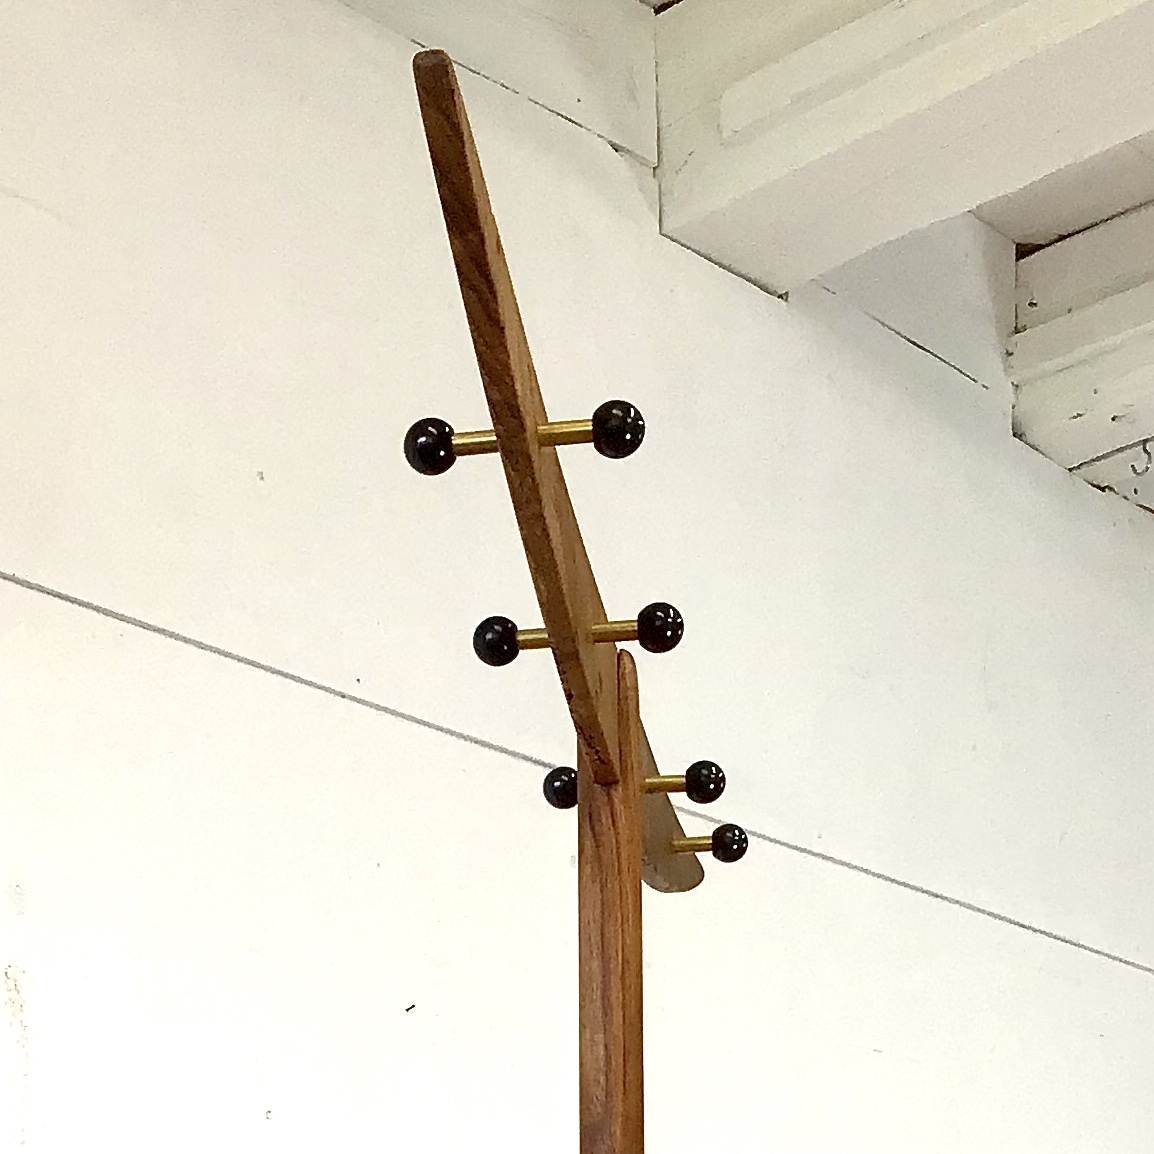 Freistehende Garderobe aus Nussbaumholz, mit Schirmständer. Dieser Kleiderständer war, bevor er zu uns kam, ein Ständer um Wolle aufzuwickeln. Wir haben das etwas neu interpretiert und arrangiert. Das ganze hatte eine relativ rustikal geschnitzte Oberfläche, welche wir etwas zeitgemässer geglättet haben. Das Mitteltablar bekam drei Schirmhalter Löcher. Oben bekam er die Sichel ähnliche, geschwungene Querstrebe. Ebenfalls aus altem Nussbaumholz. Schwarze Bakelit Kugeln auf beiden Seiten bilden die Kleiderhaken. Zwei kleine Hohlkerben bieten die Möglichkeit ein Kleiderbügel hinzuhängen.